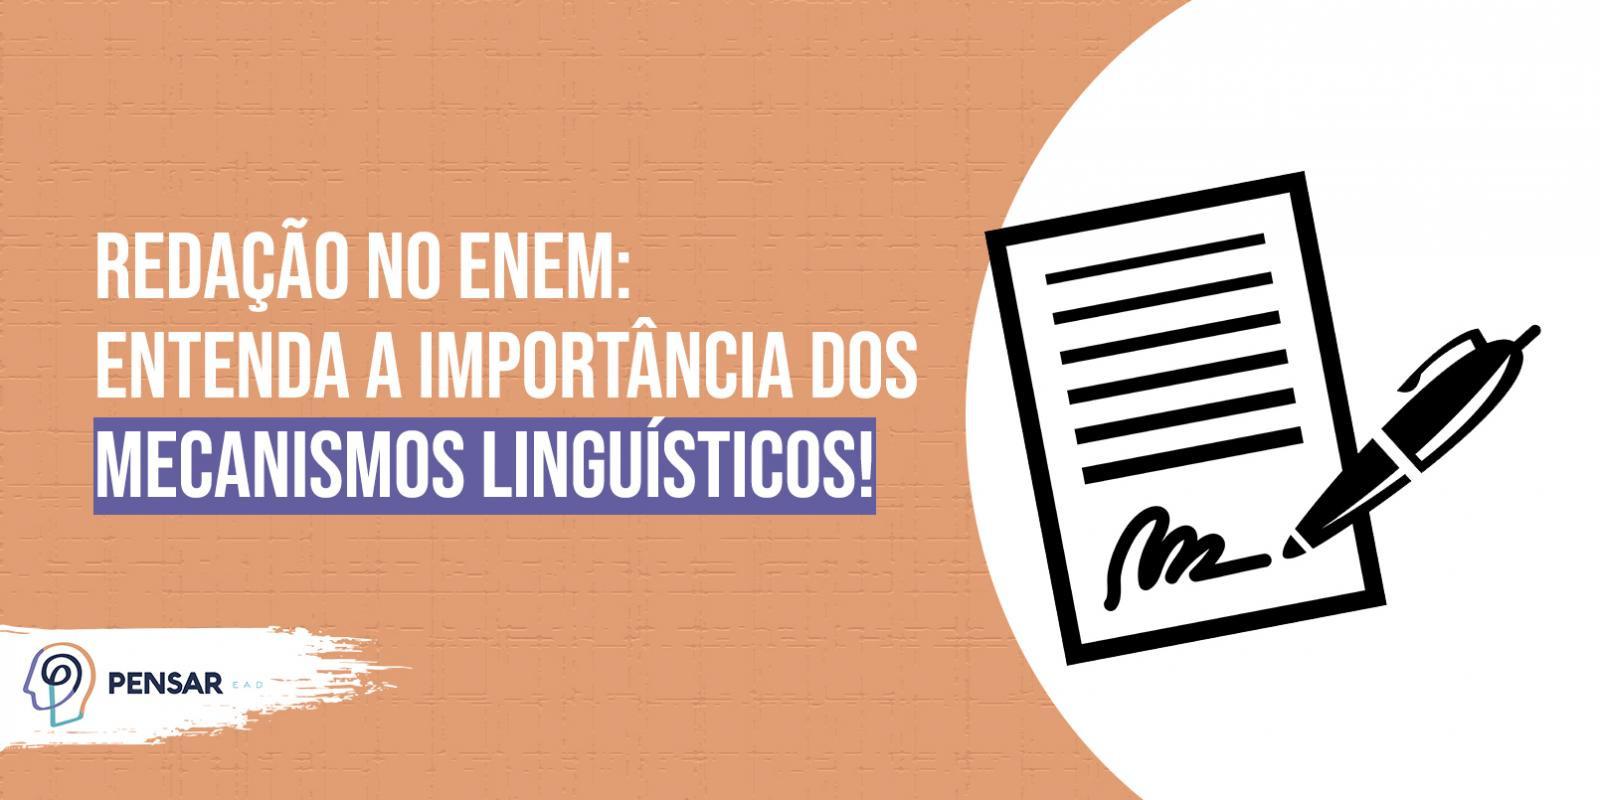 Redação no ENEM: entenda a importância dos mecanismos linguísticos!